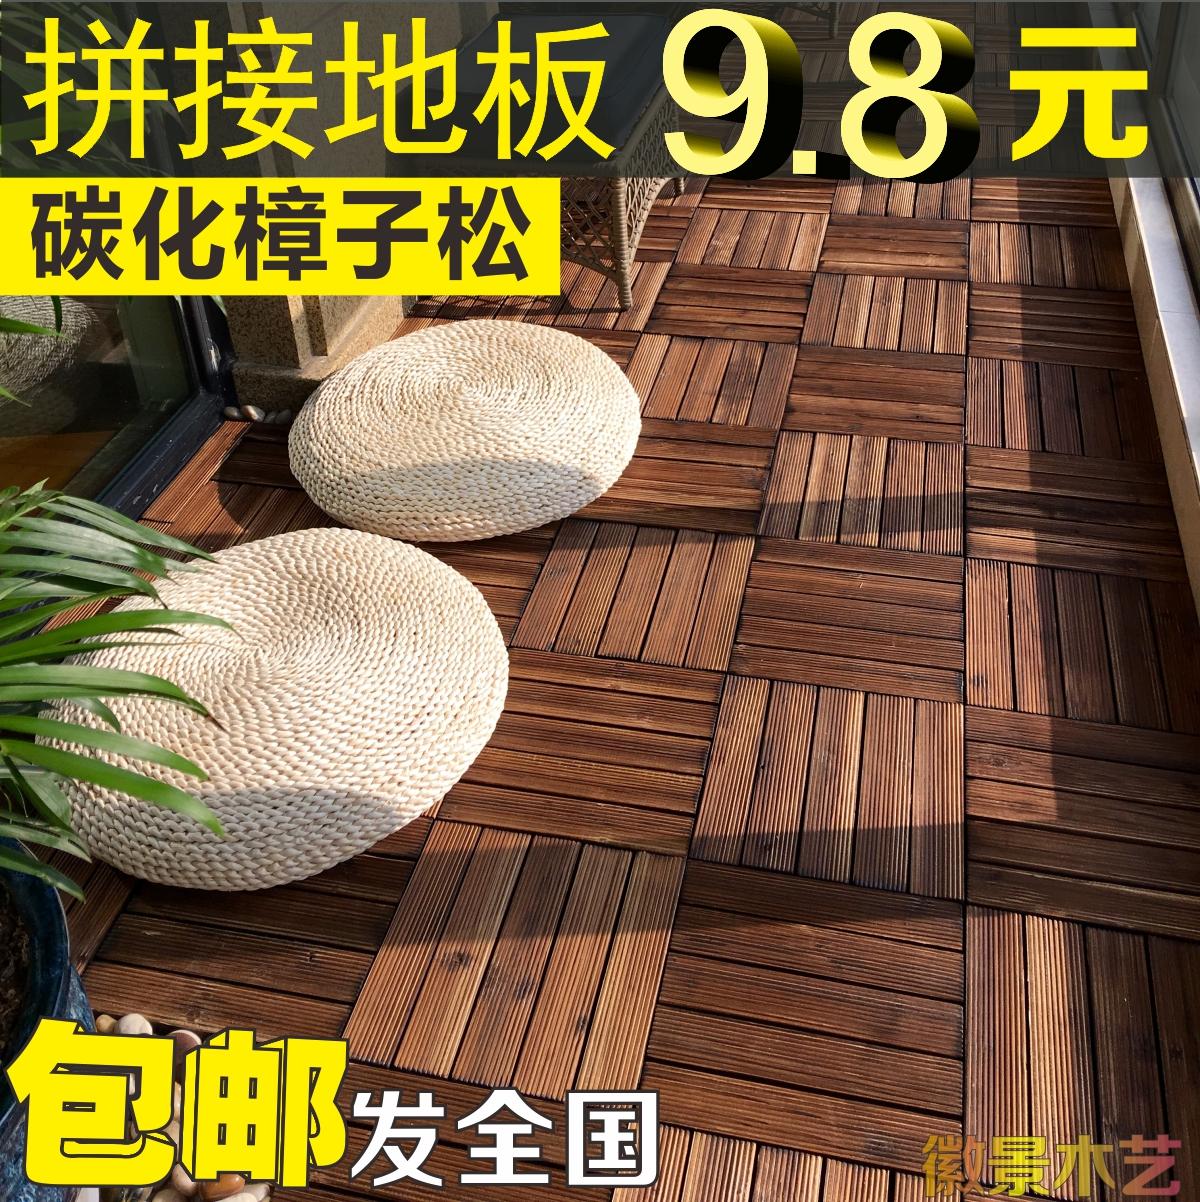 Обуглевание антикоррозийный доска земля придерживаться на открытом воздухе дерево этаж балкон роса тайвань сад на открытом воздухе суд больница сращивание декоративный подушка